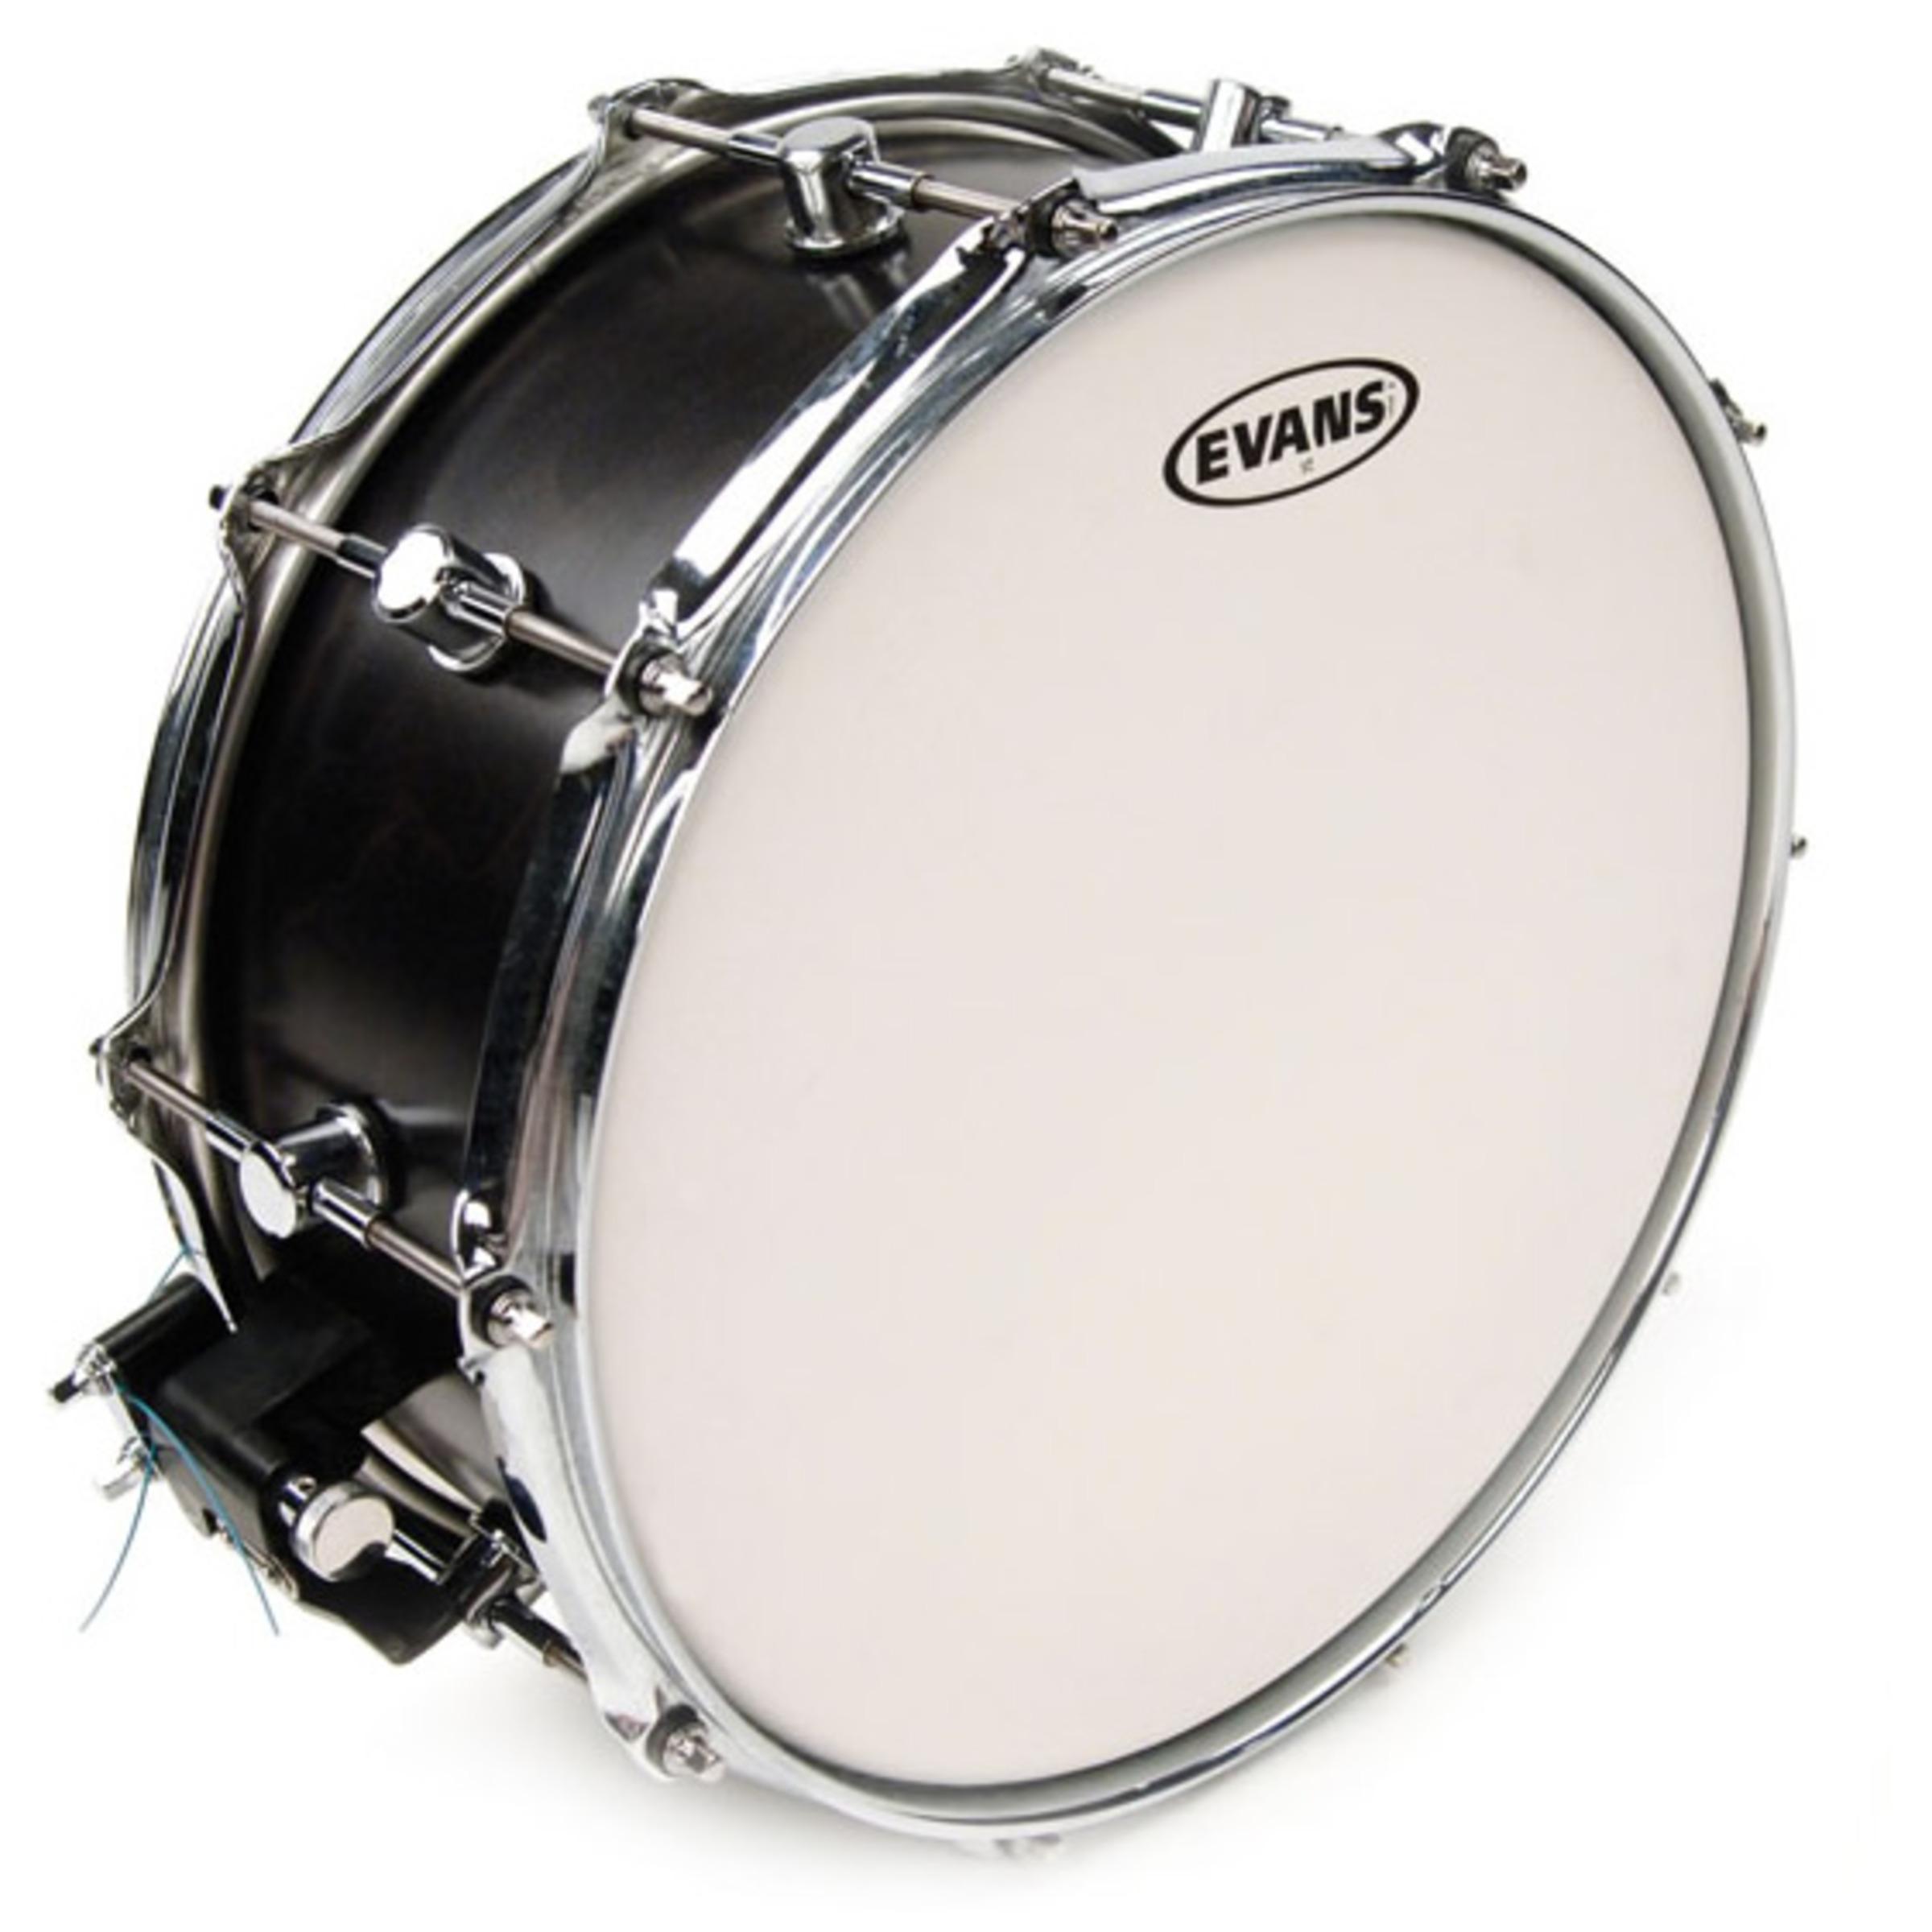 evans st snare batter drum head giggear. Black Bedroom Furniture Sets. Home Design Ideas